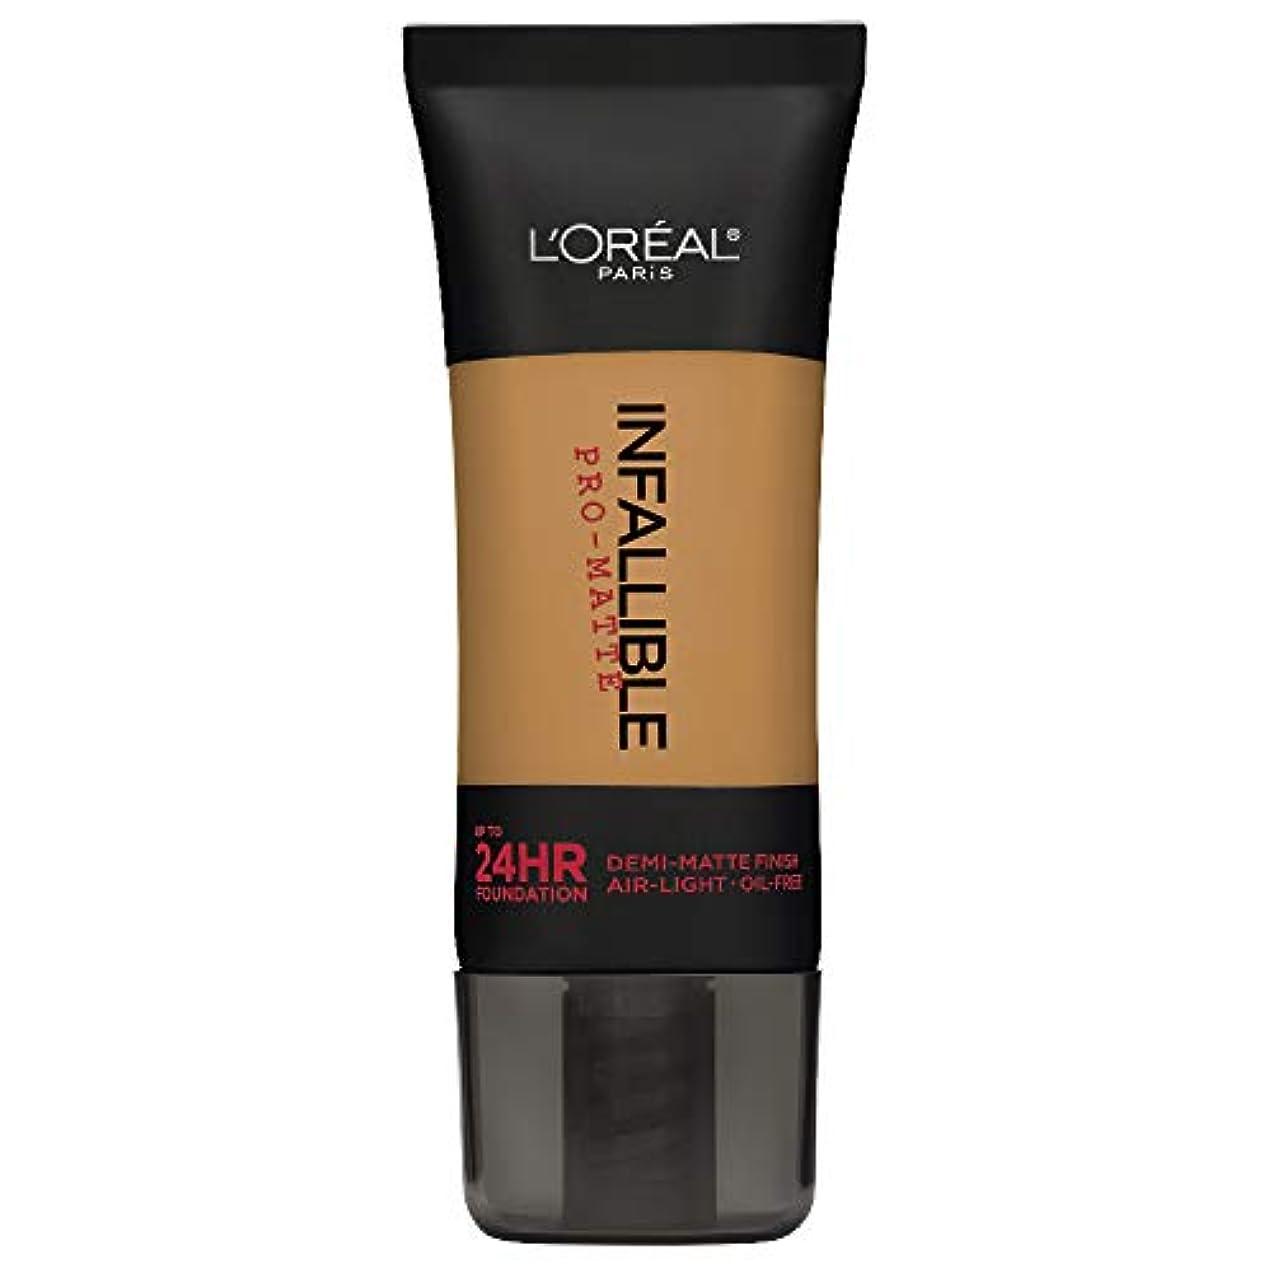 干渉する自殺キャロラインL'Oreal Paris Infallible Pro-Matte Foundation Makeup, 109 Classic Tan, 1 fl. oz[並行輸入品]